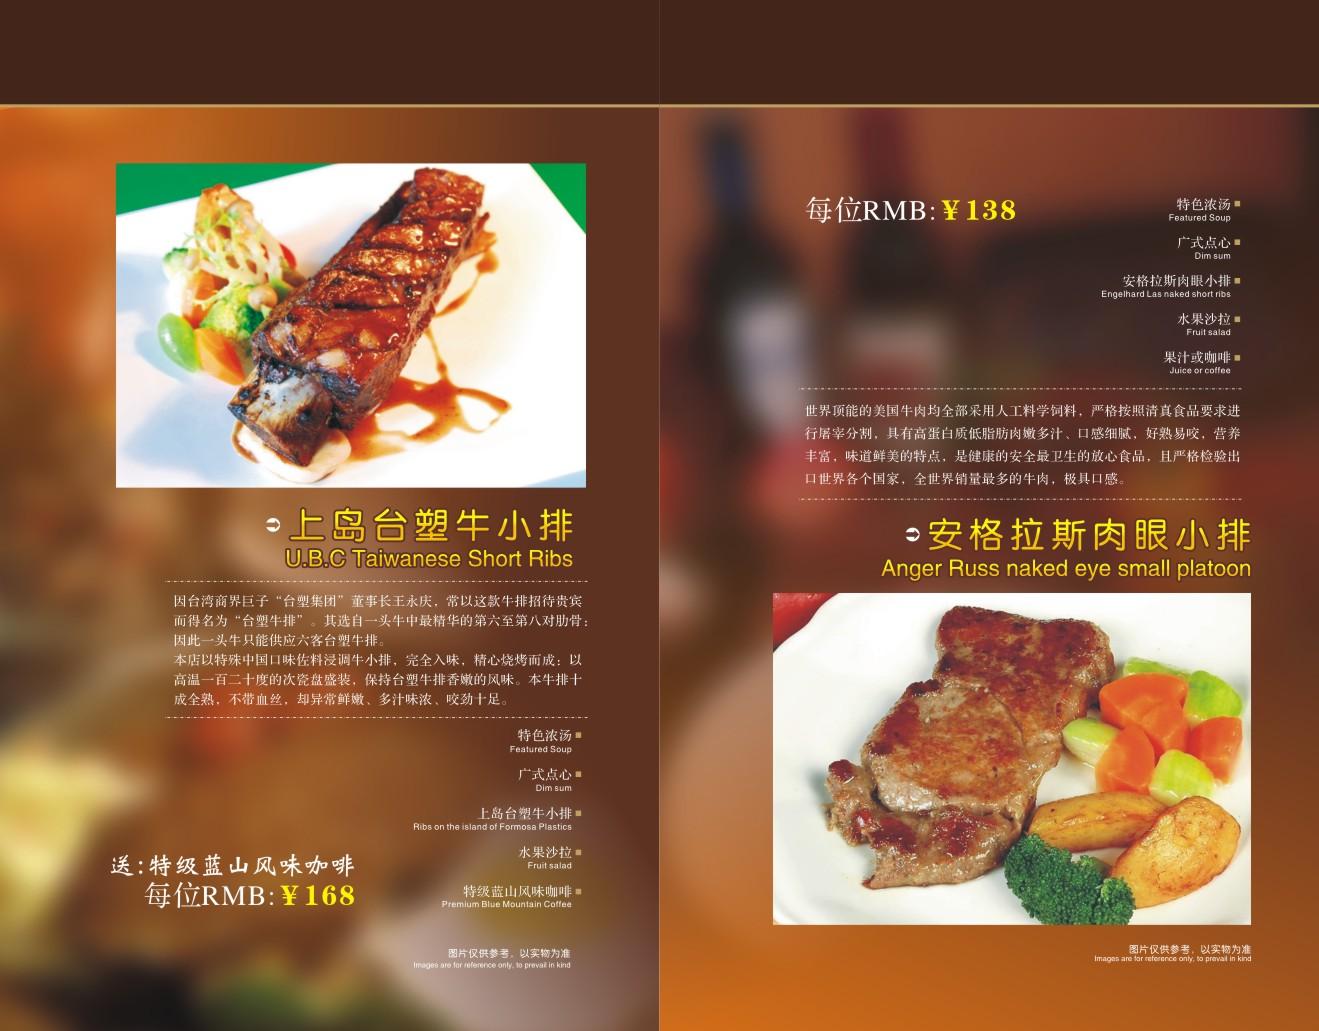 菜谱册咖啡 西餐厅菜单 咖啡店菜单